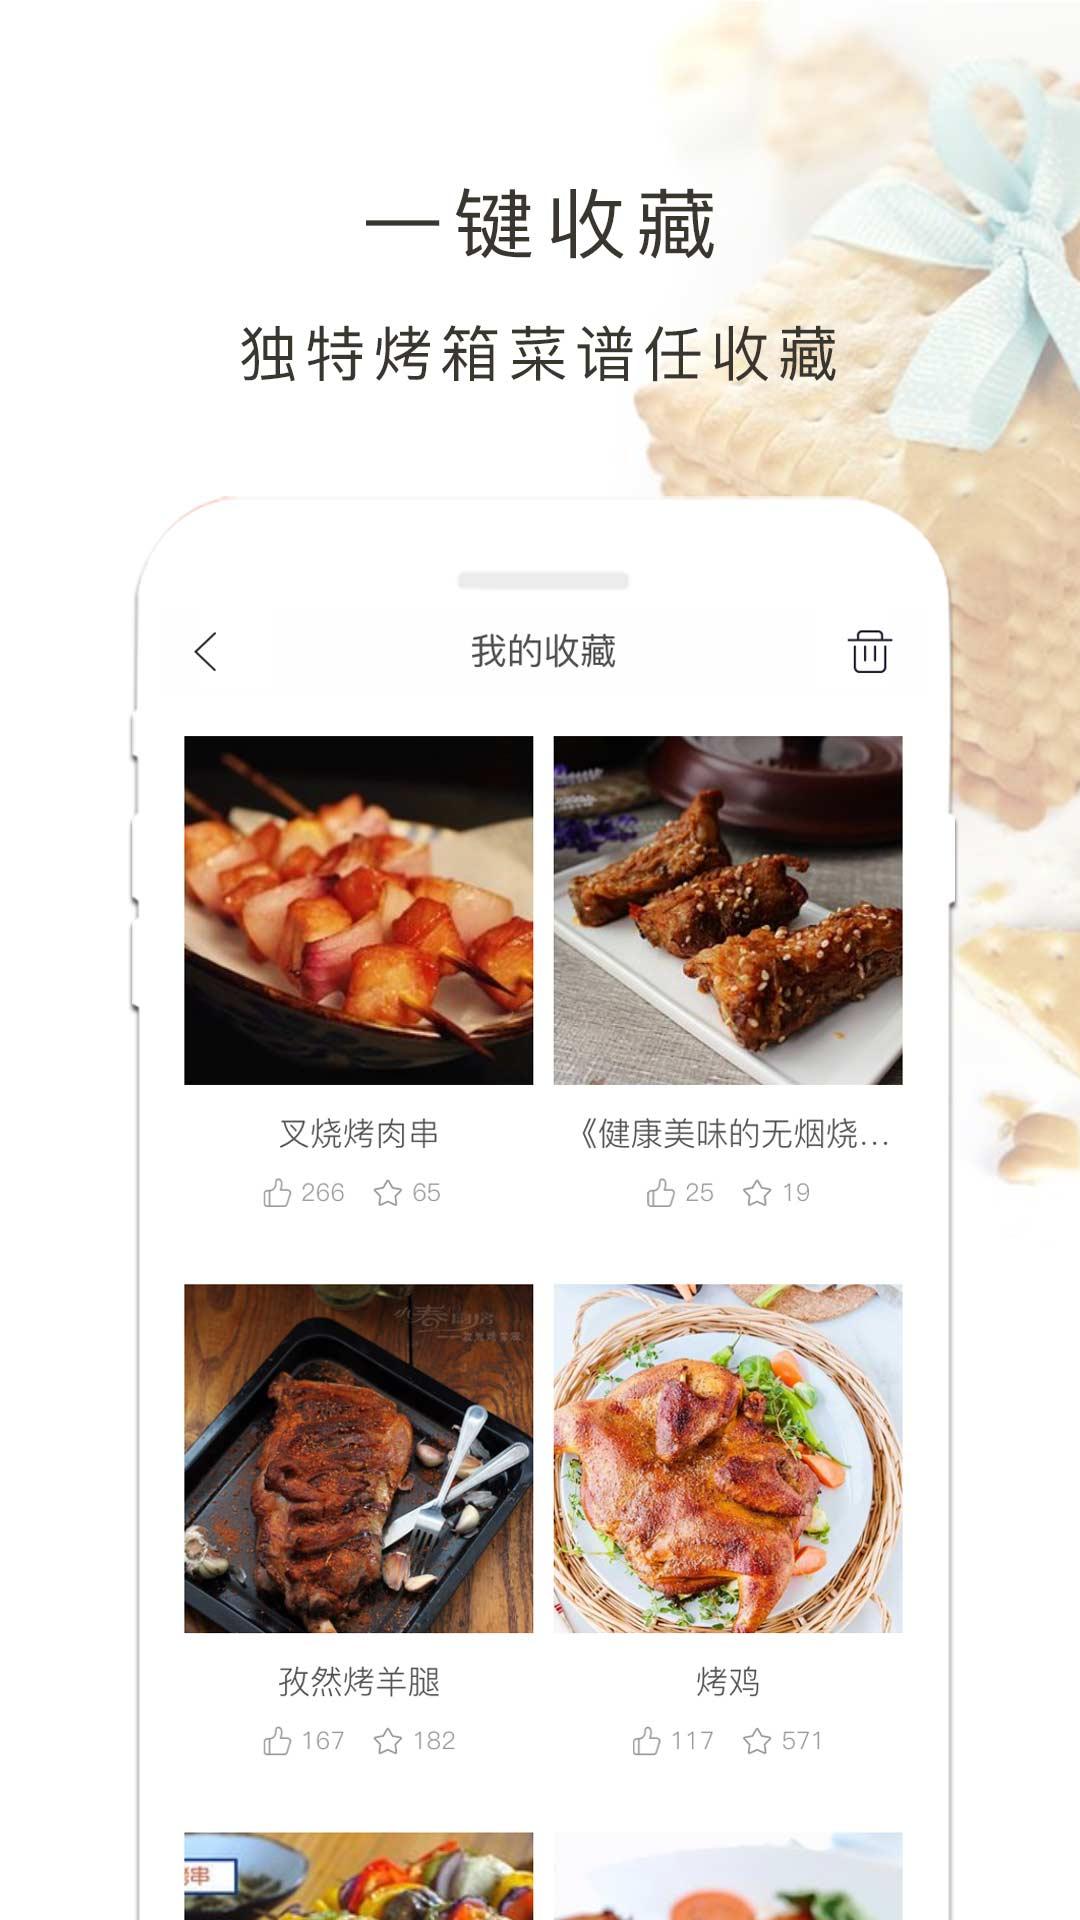 烤箱食谱截图